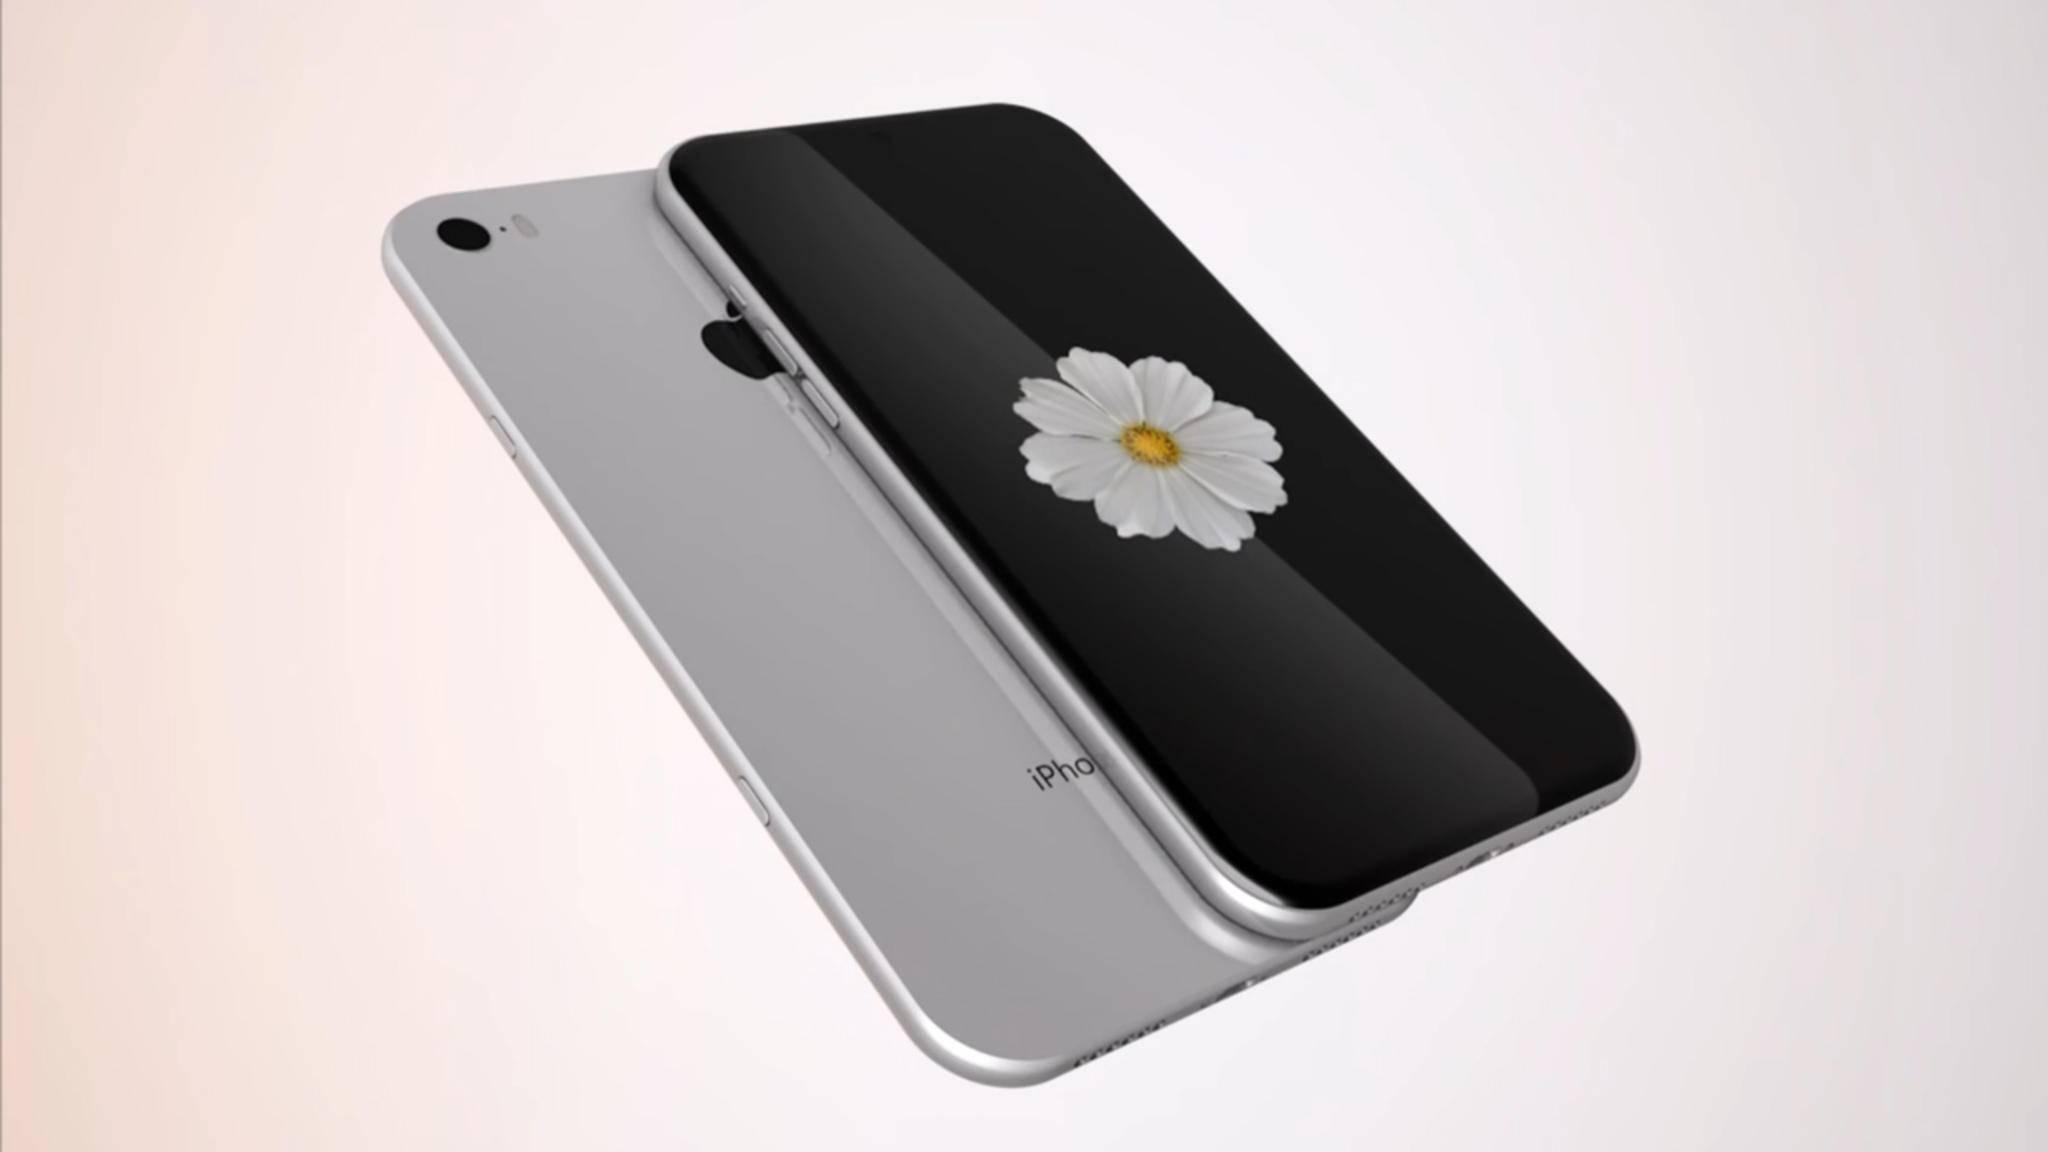 Viele Gerüchte zum iPhone 8 drehen sich rund um das Display: Wird es randlos? Setzt Apple auf OLED?